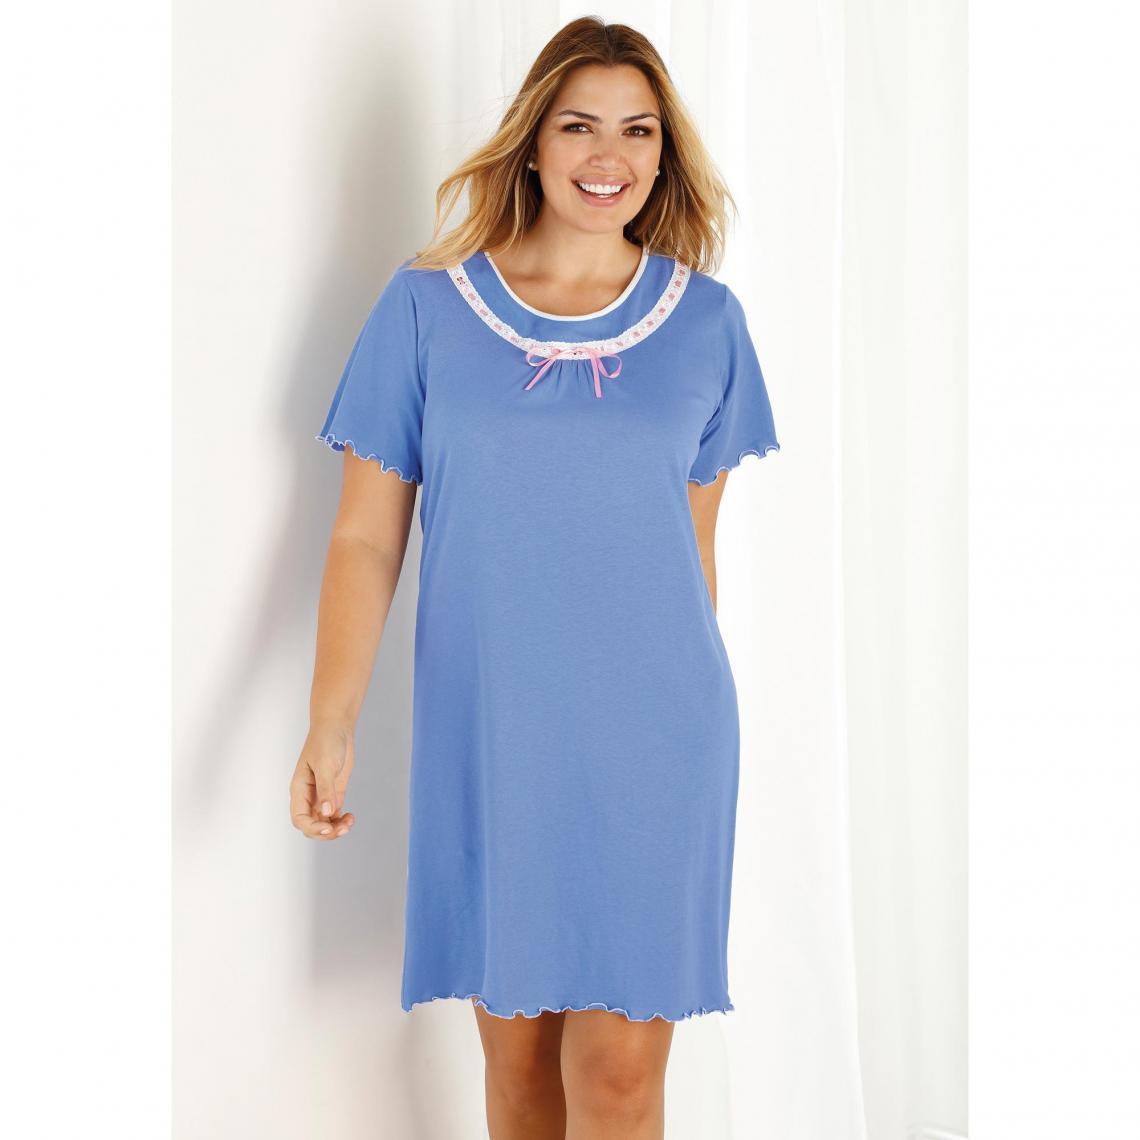 Lavande Manches Courtes De Imprimée Nuit Femme Bleu Chemise 3 4x0tqIW